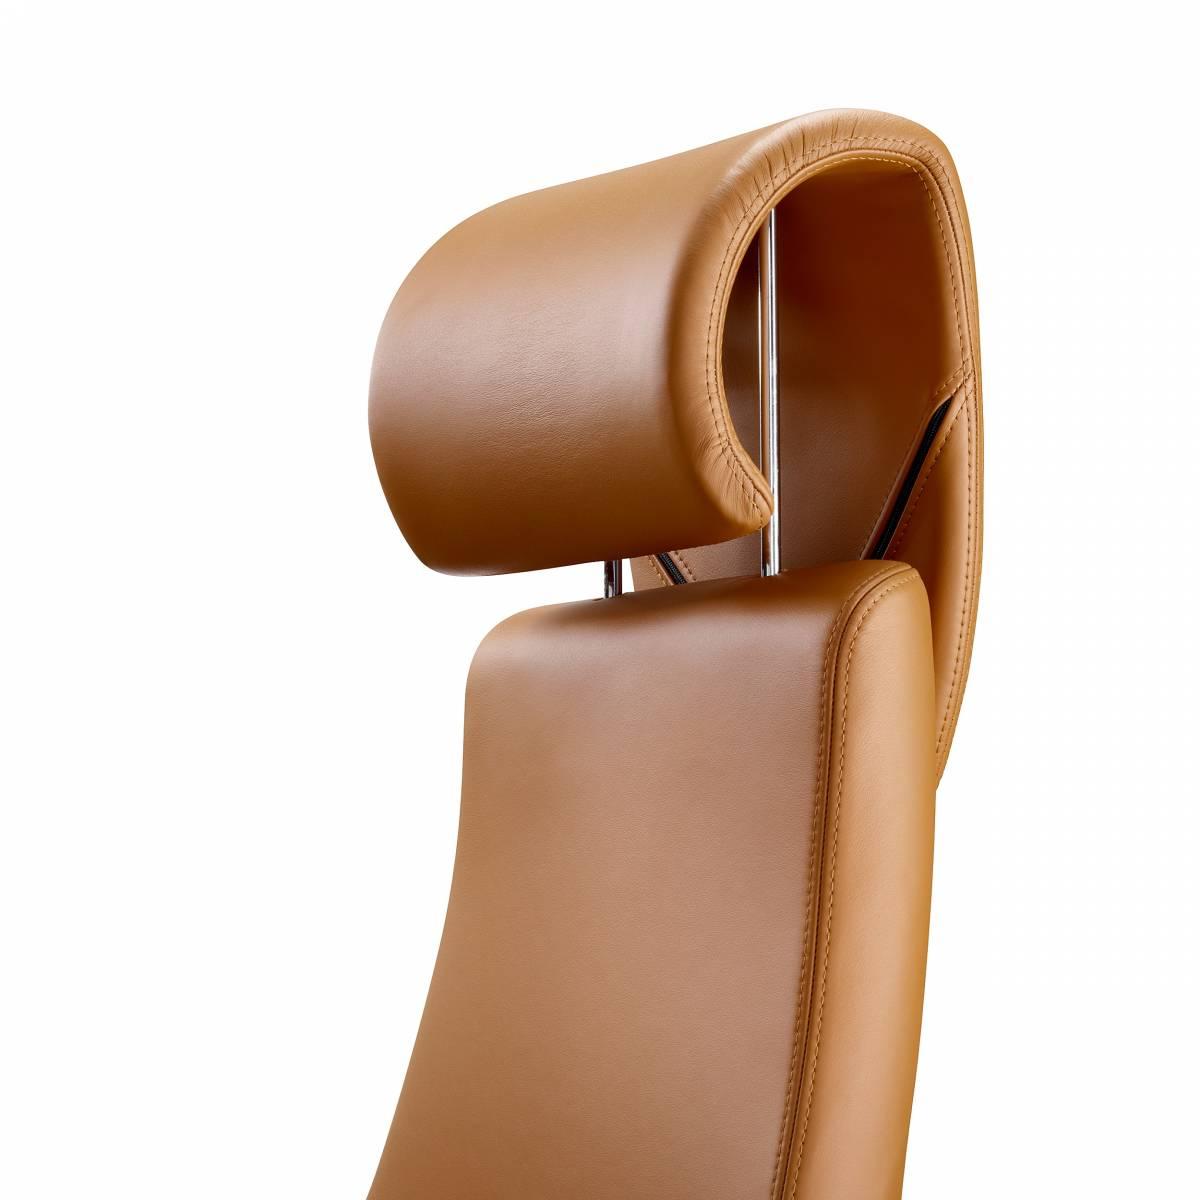 Fauteuil de direction haut de gamme avec têtière pour soutien des cervicales sur La Ciotat